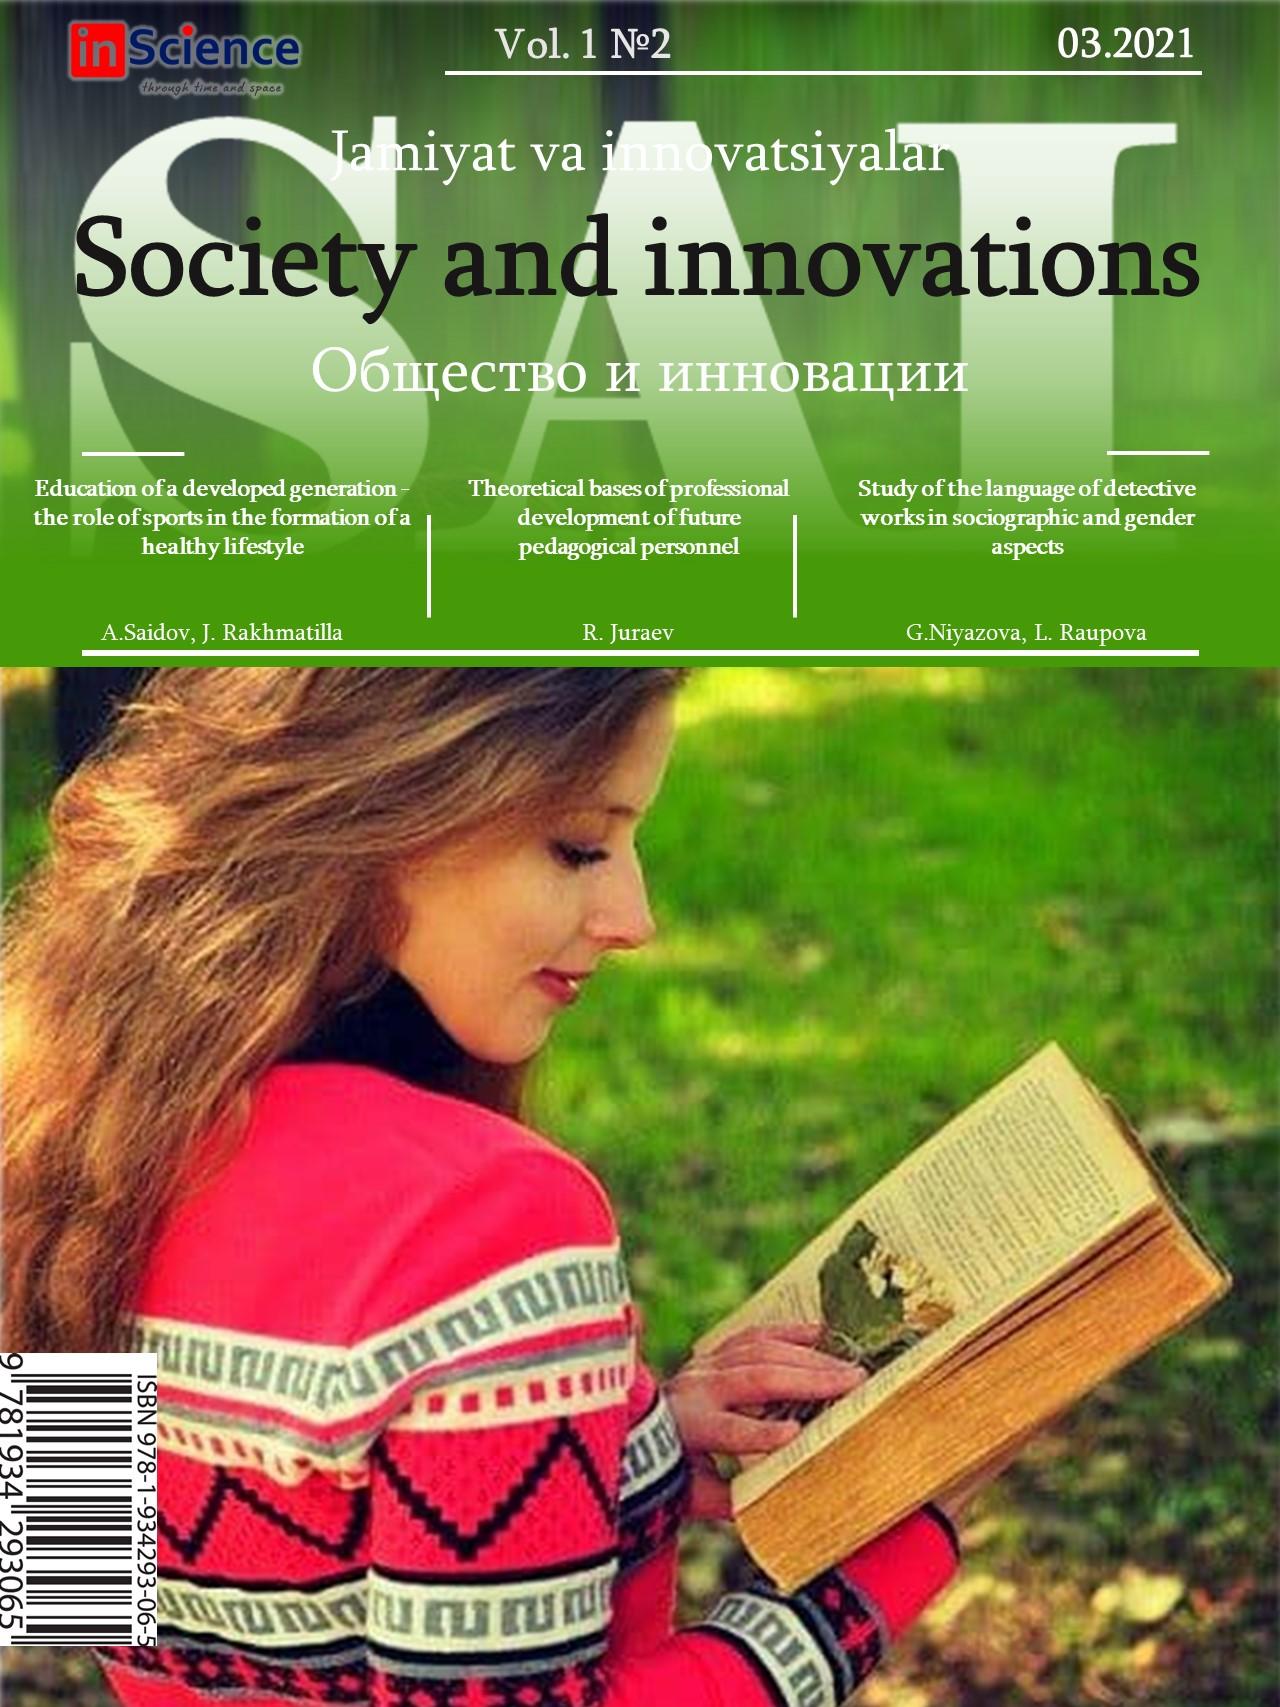 Показать Выпуск 2 № 2 (2021): Междисциплинарный научный журнал «Общество и инновации»